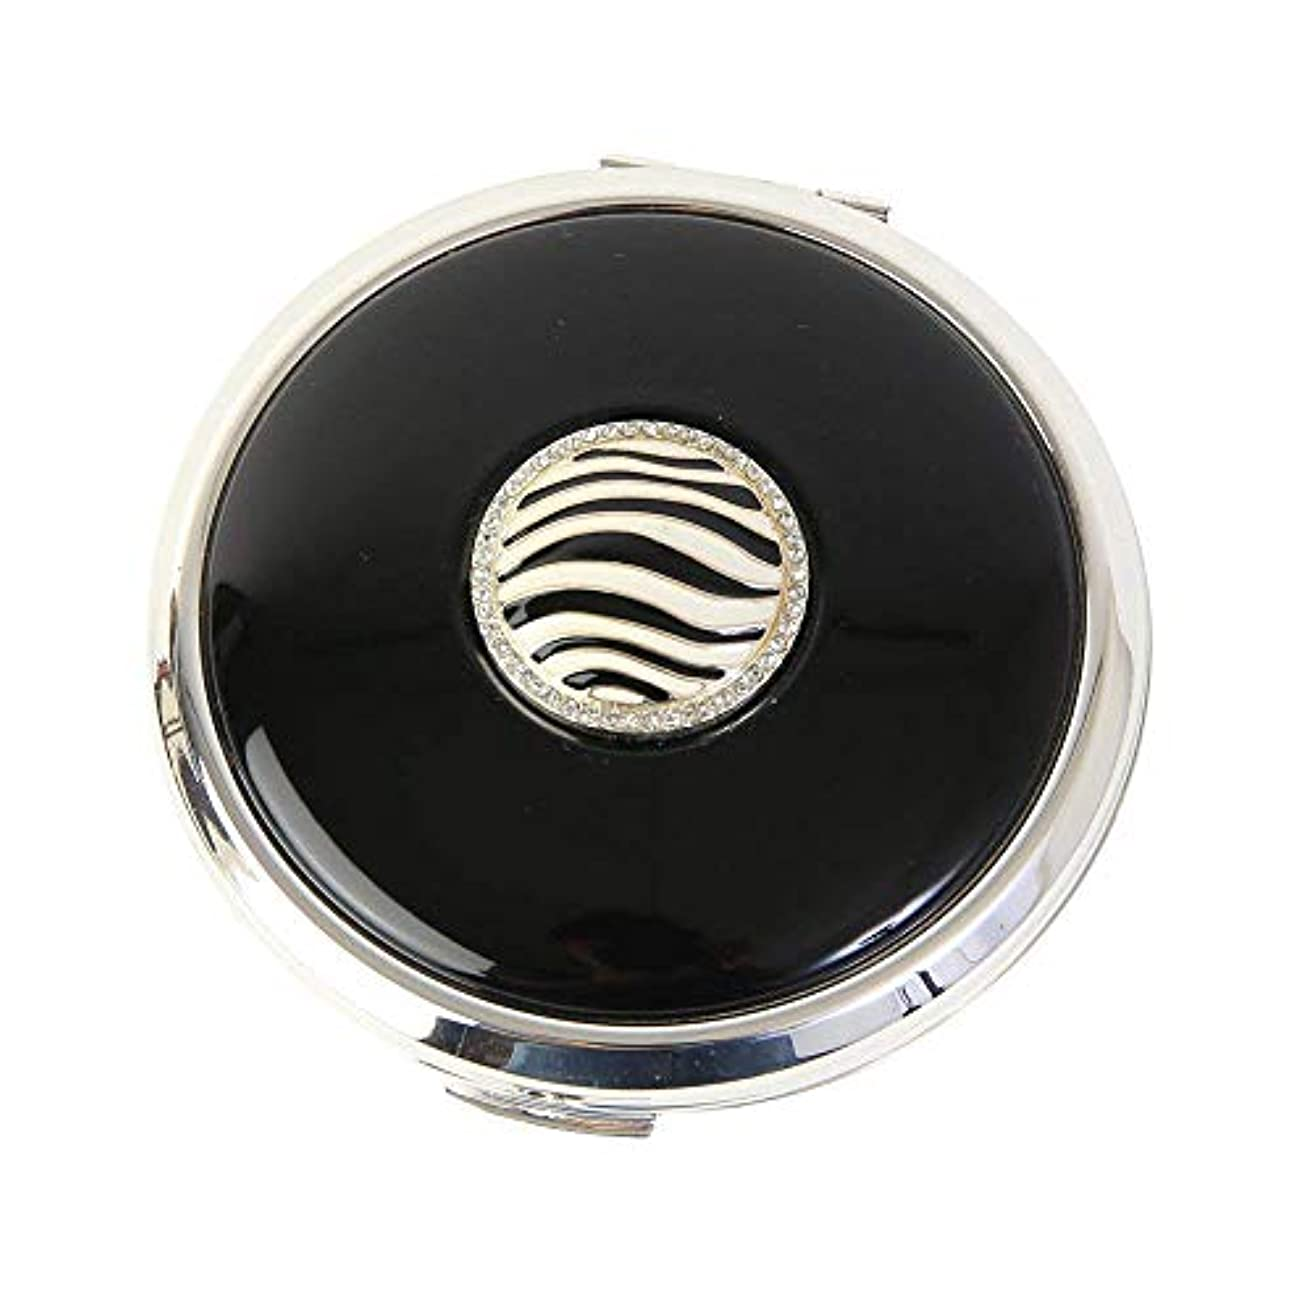 社交的スタイルナラーバーStratton ストラットン コンパクト コンバーティブル おしろいケース&ミラー ブラック Zebra ST1118